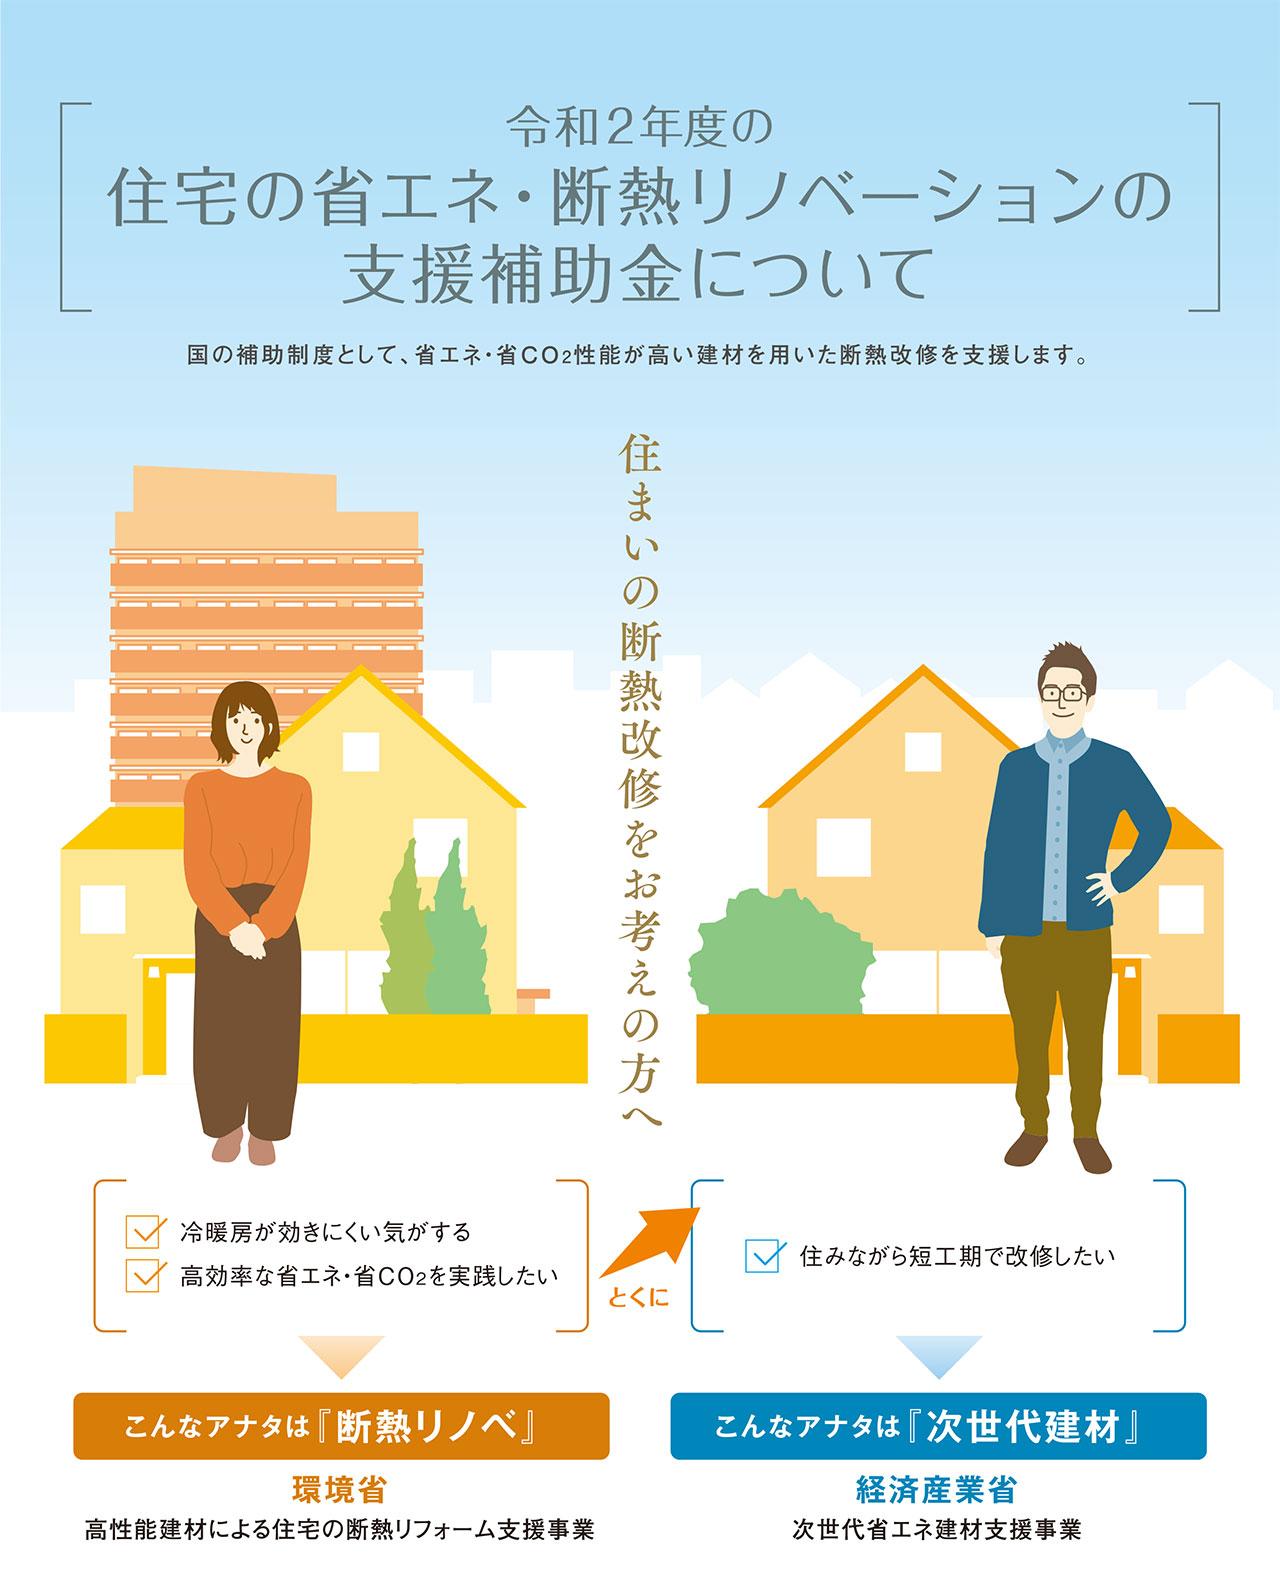 住まいの断熱改修をお考えの方へ。住宅の省エネ・断熱リノベーションの支援補助金について